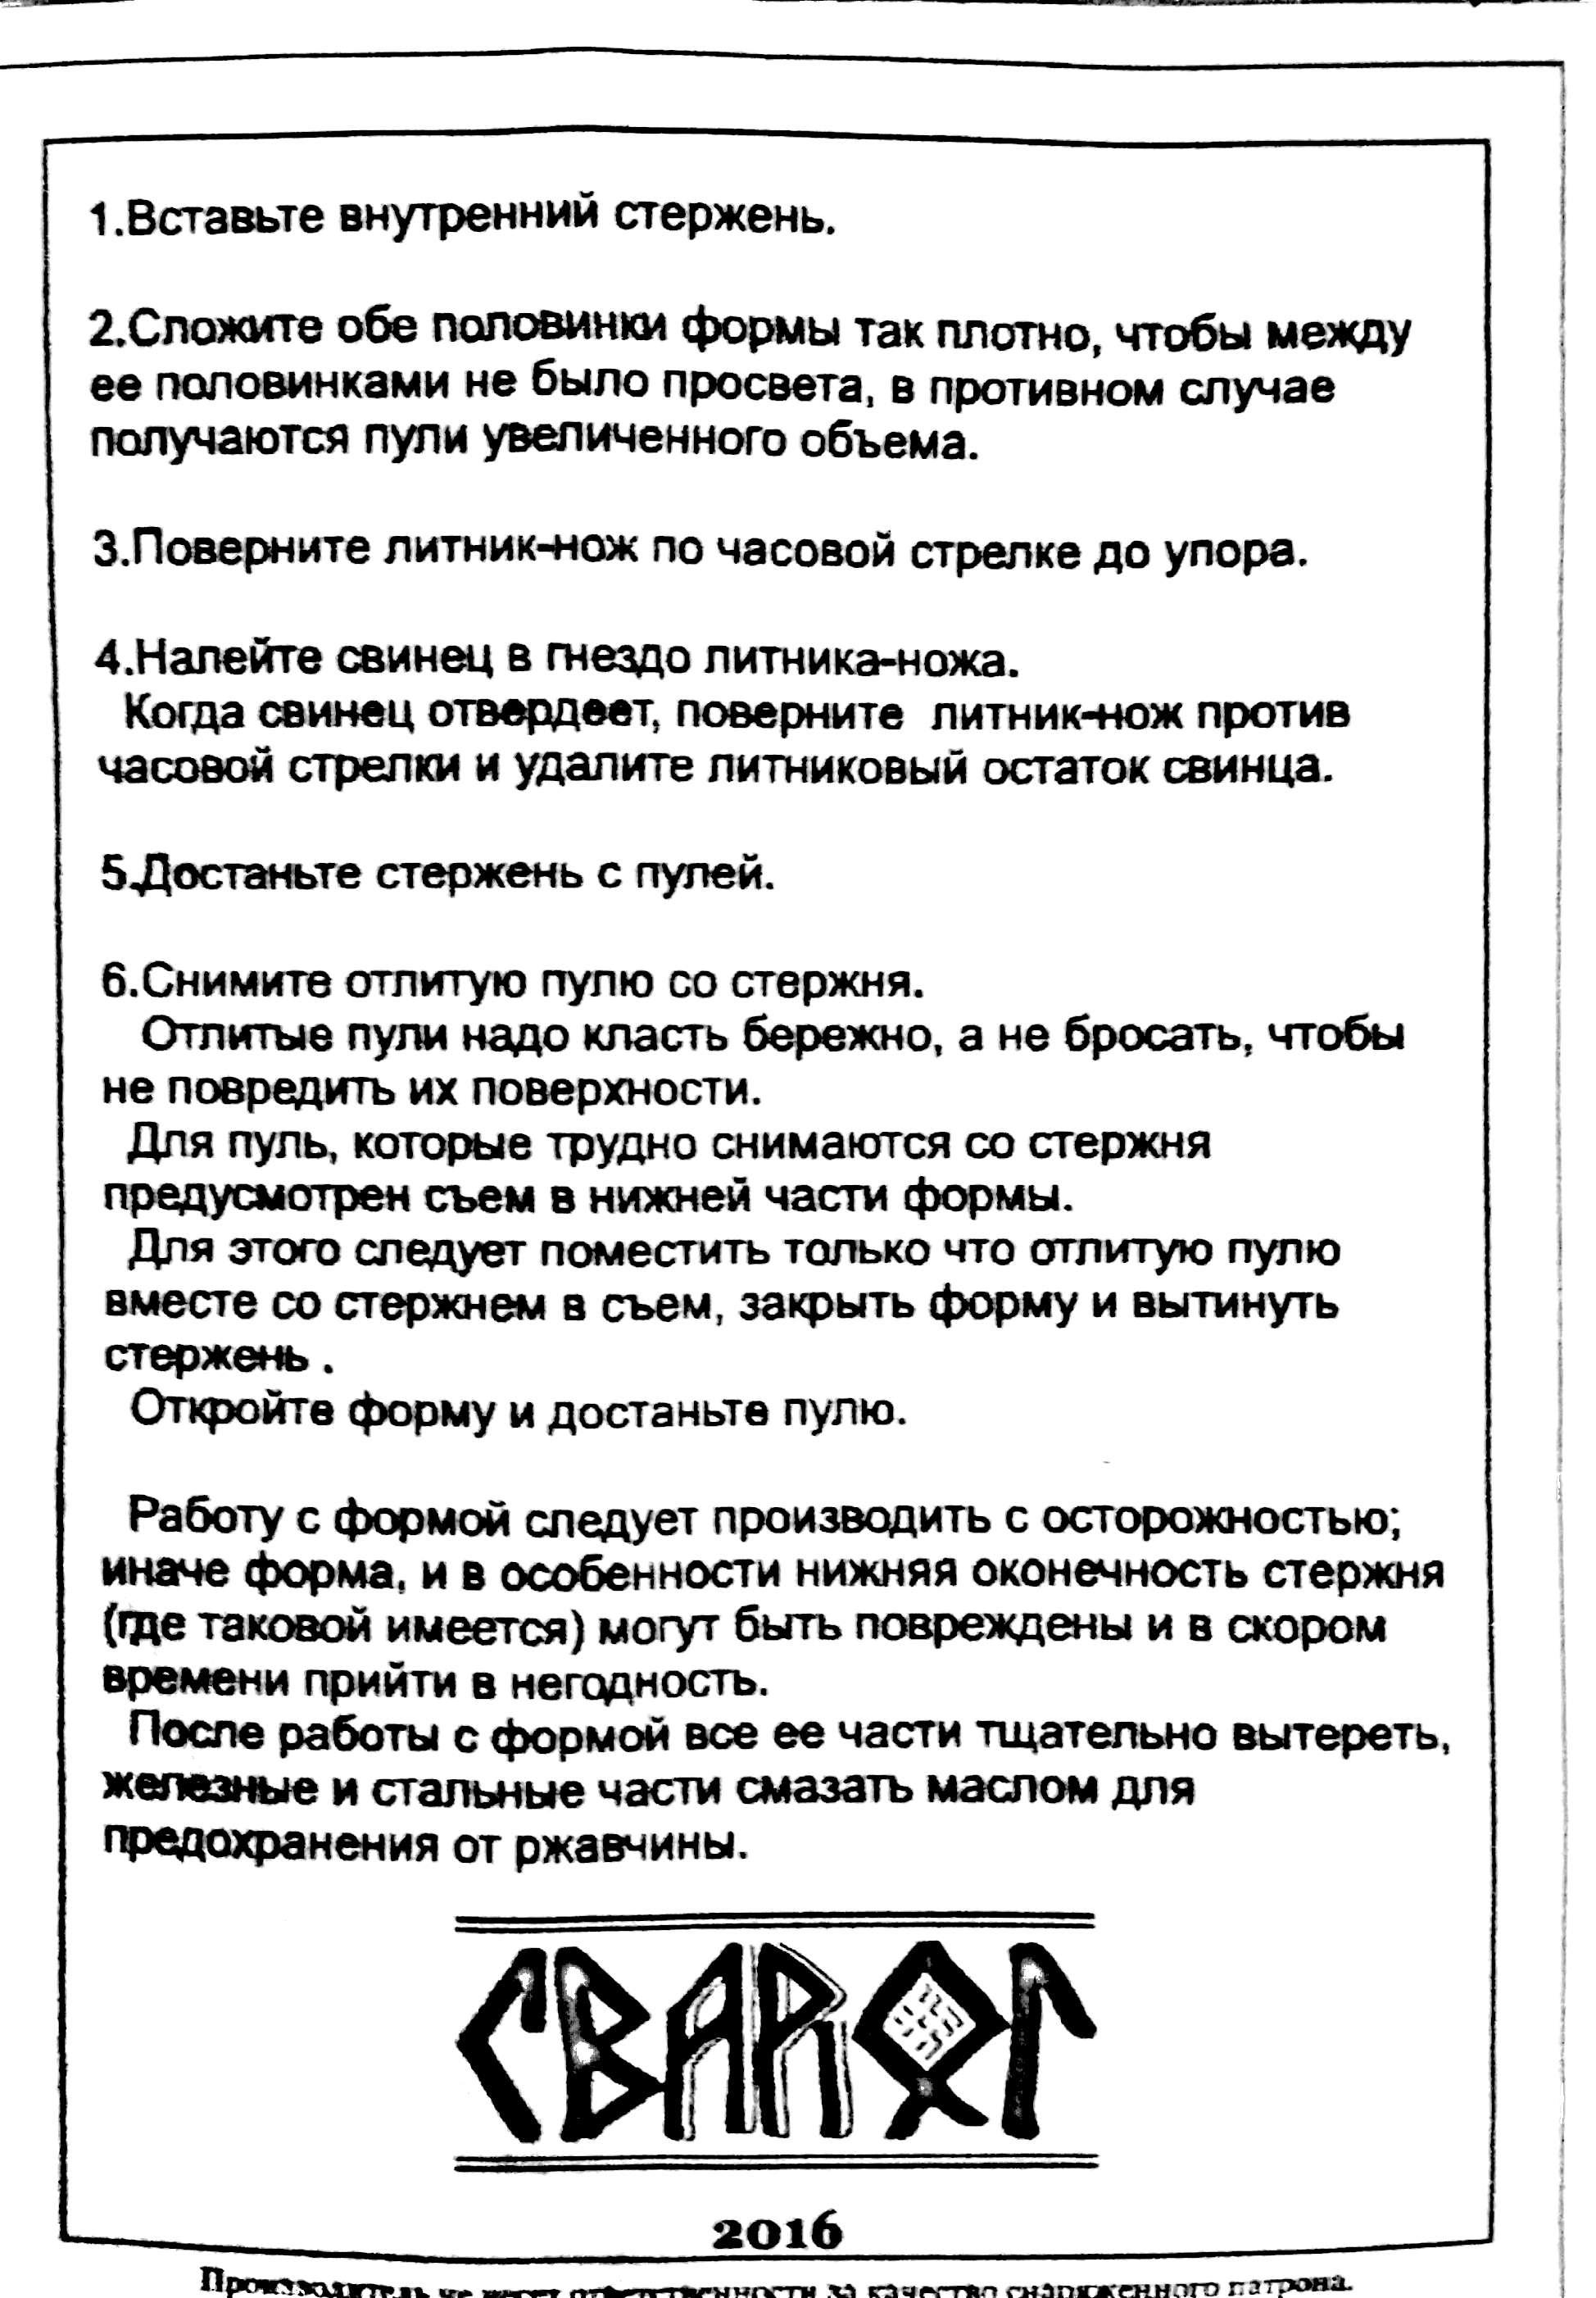 Новый_документ_8_2.jpg